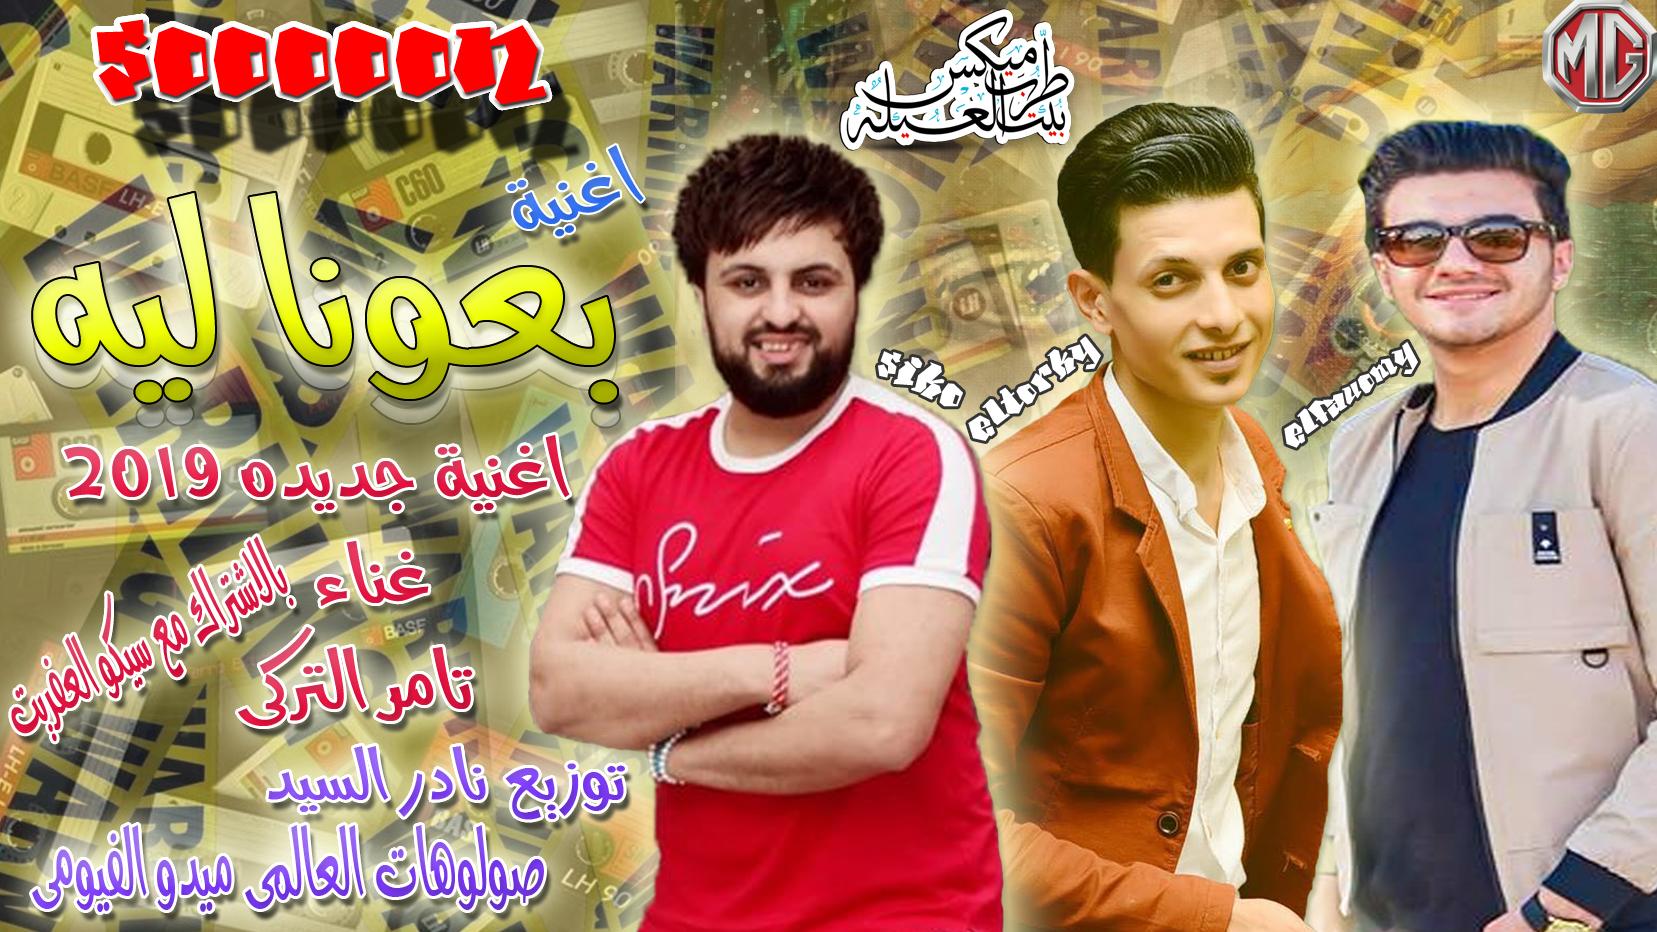 اغنية باعونا ليه تامر التركى وسكيو العفريت 2019 - هترقص الافراح